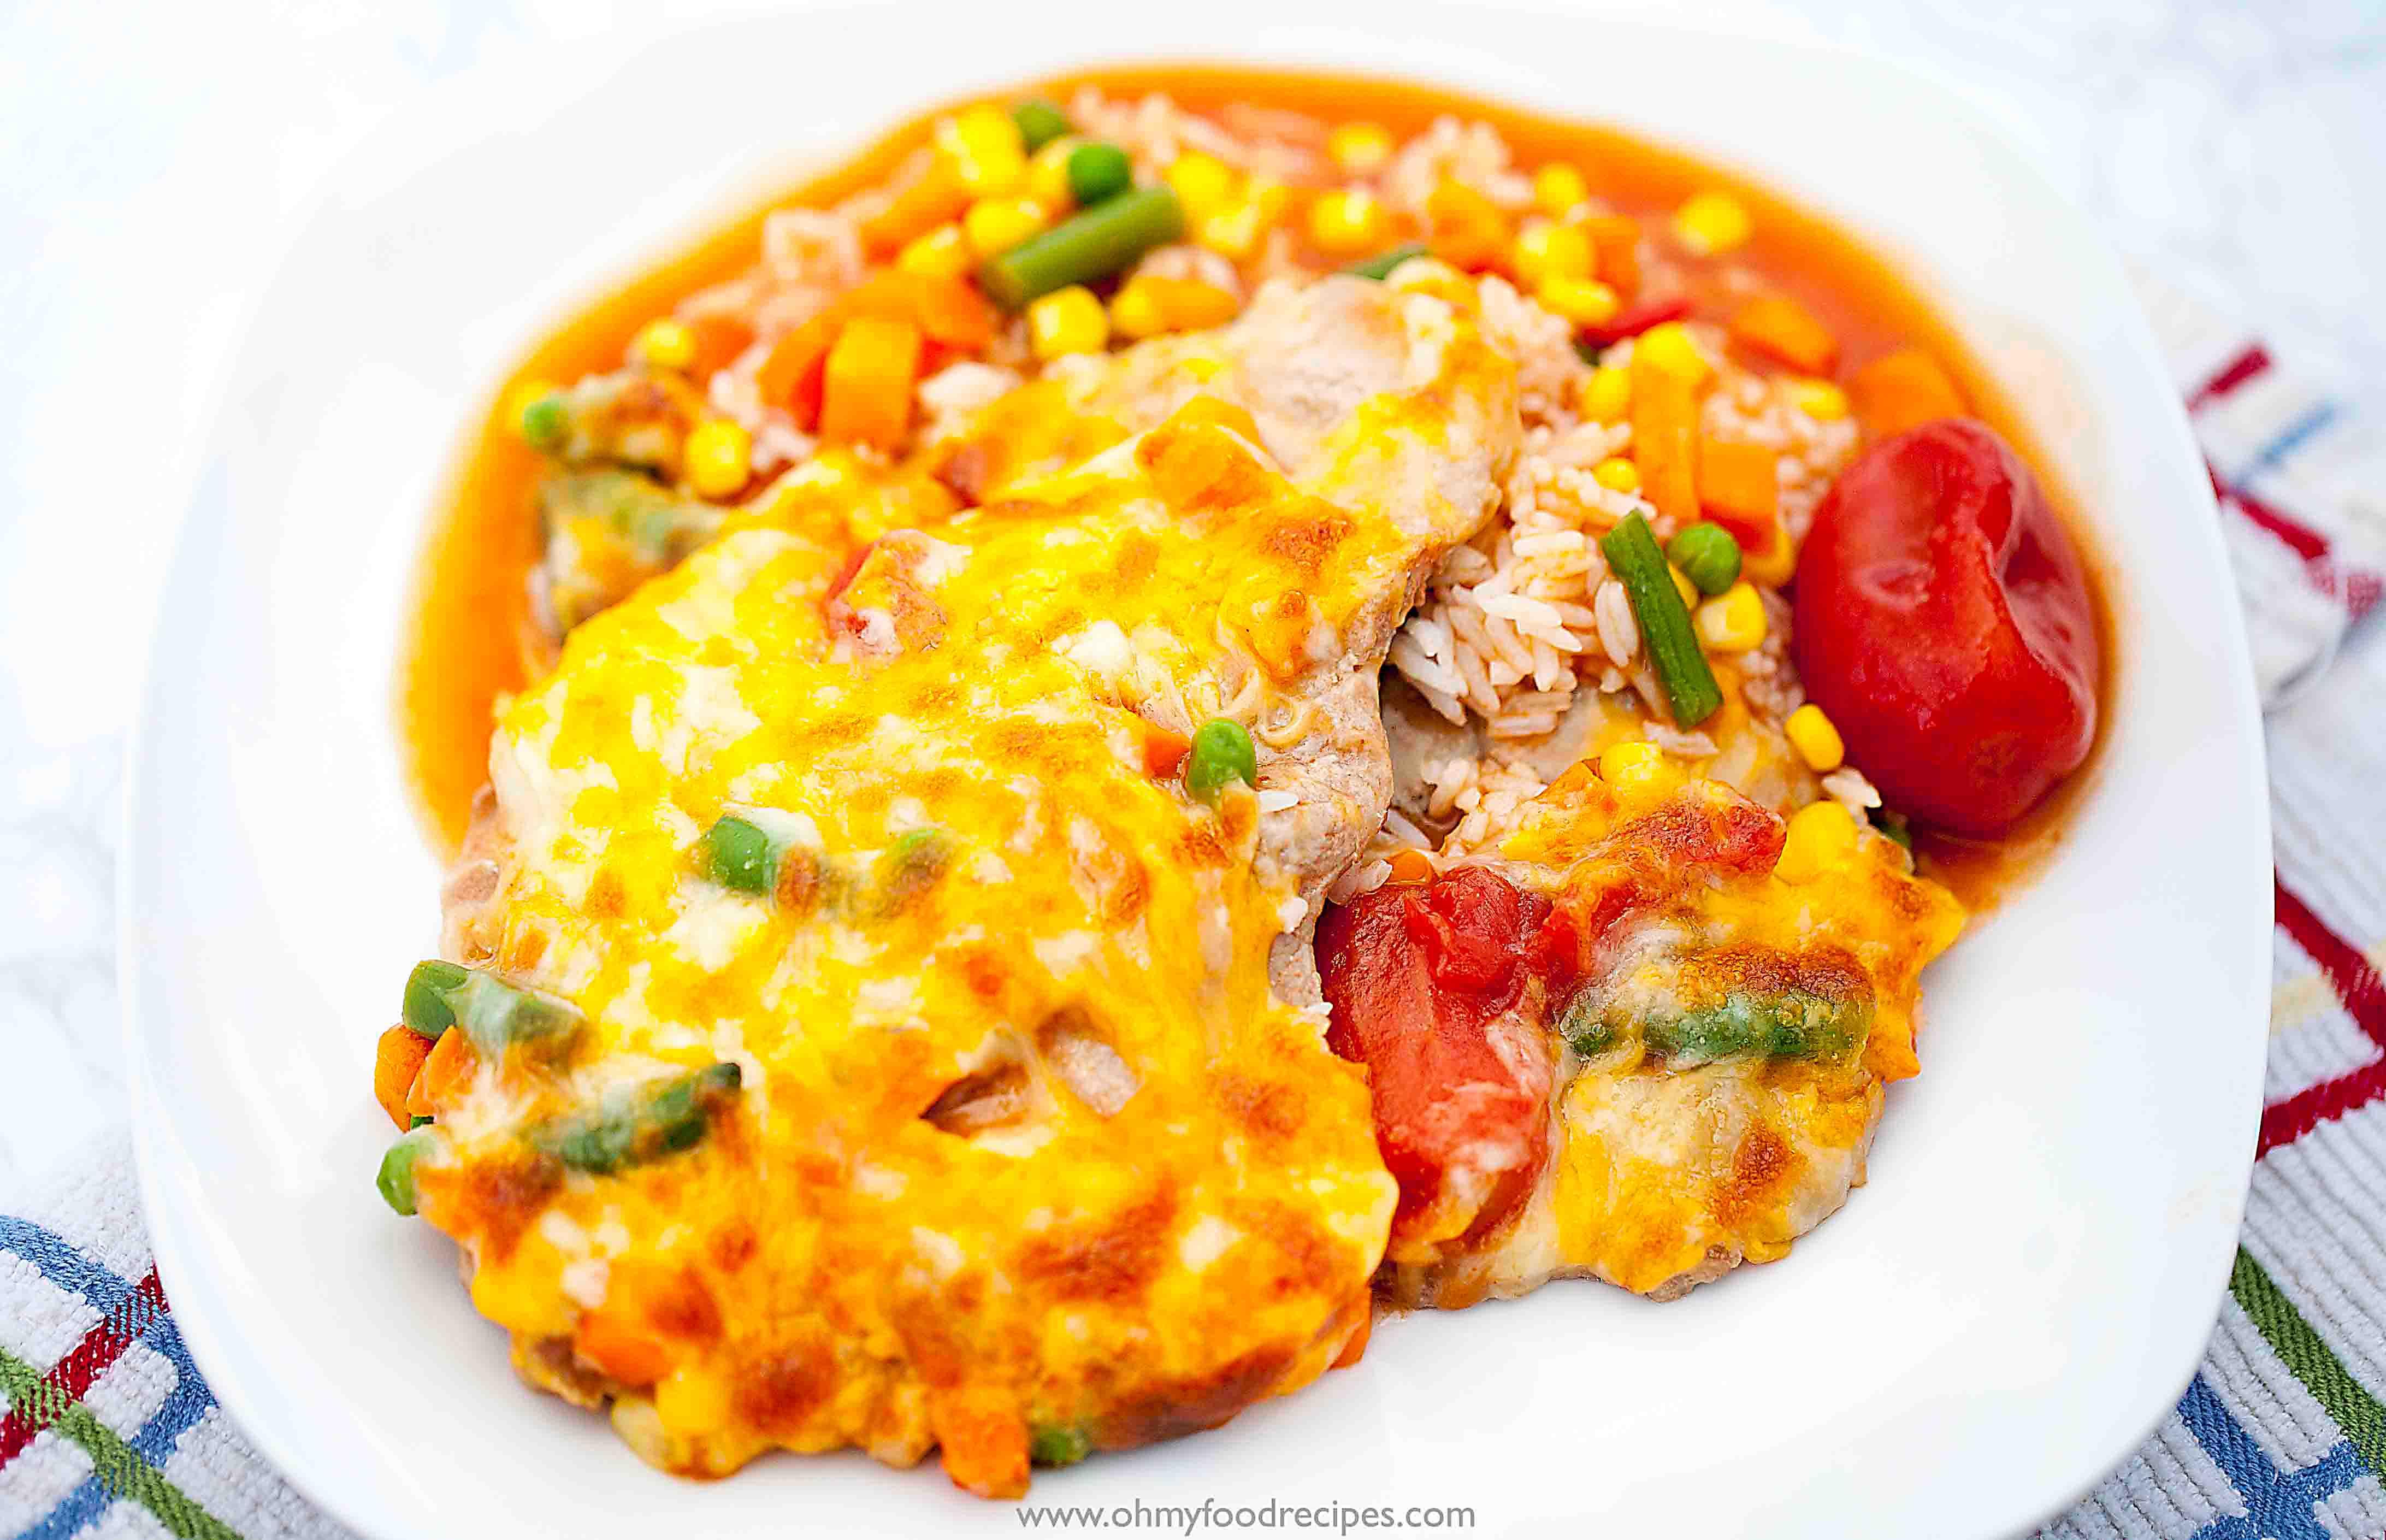 hong kong style pork chop bake rice dish